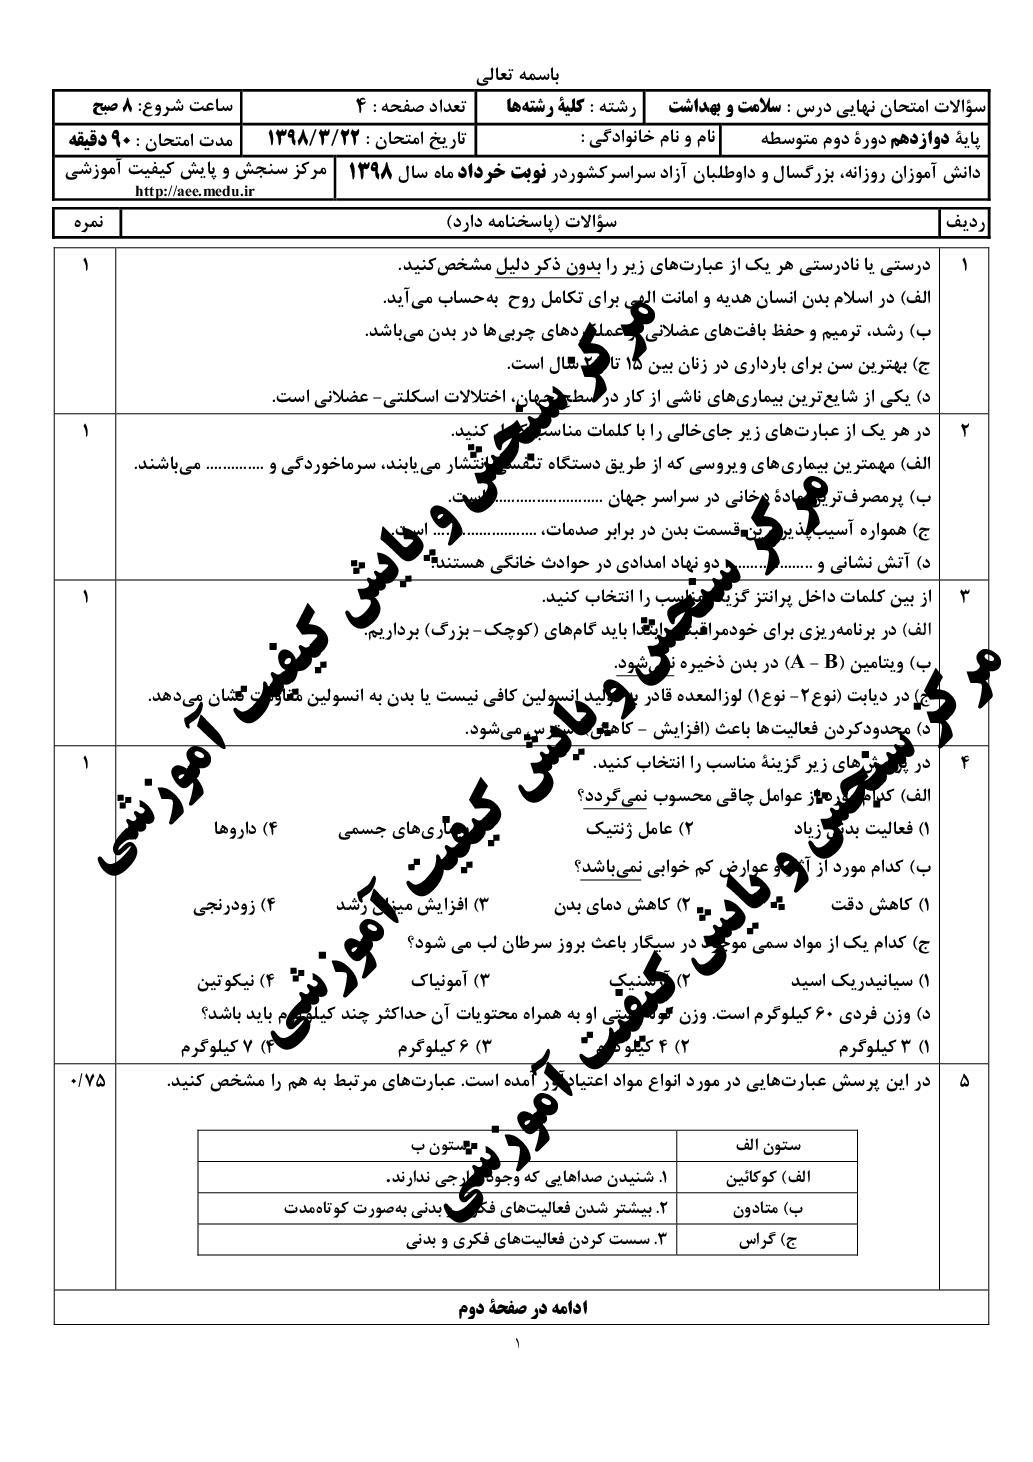 امتحان نهایی سلامت و بهداشت - خرداد 98 (PDF)